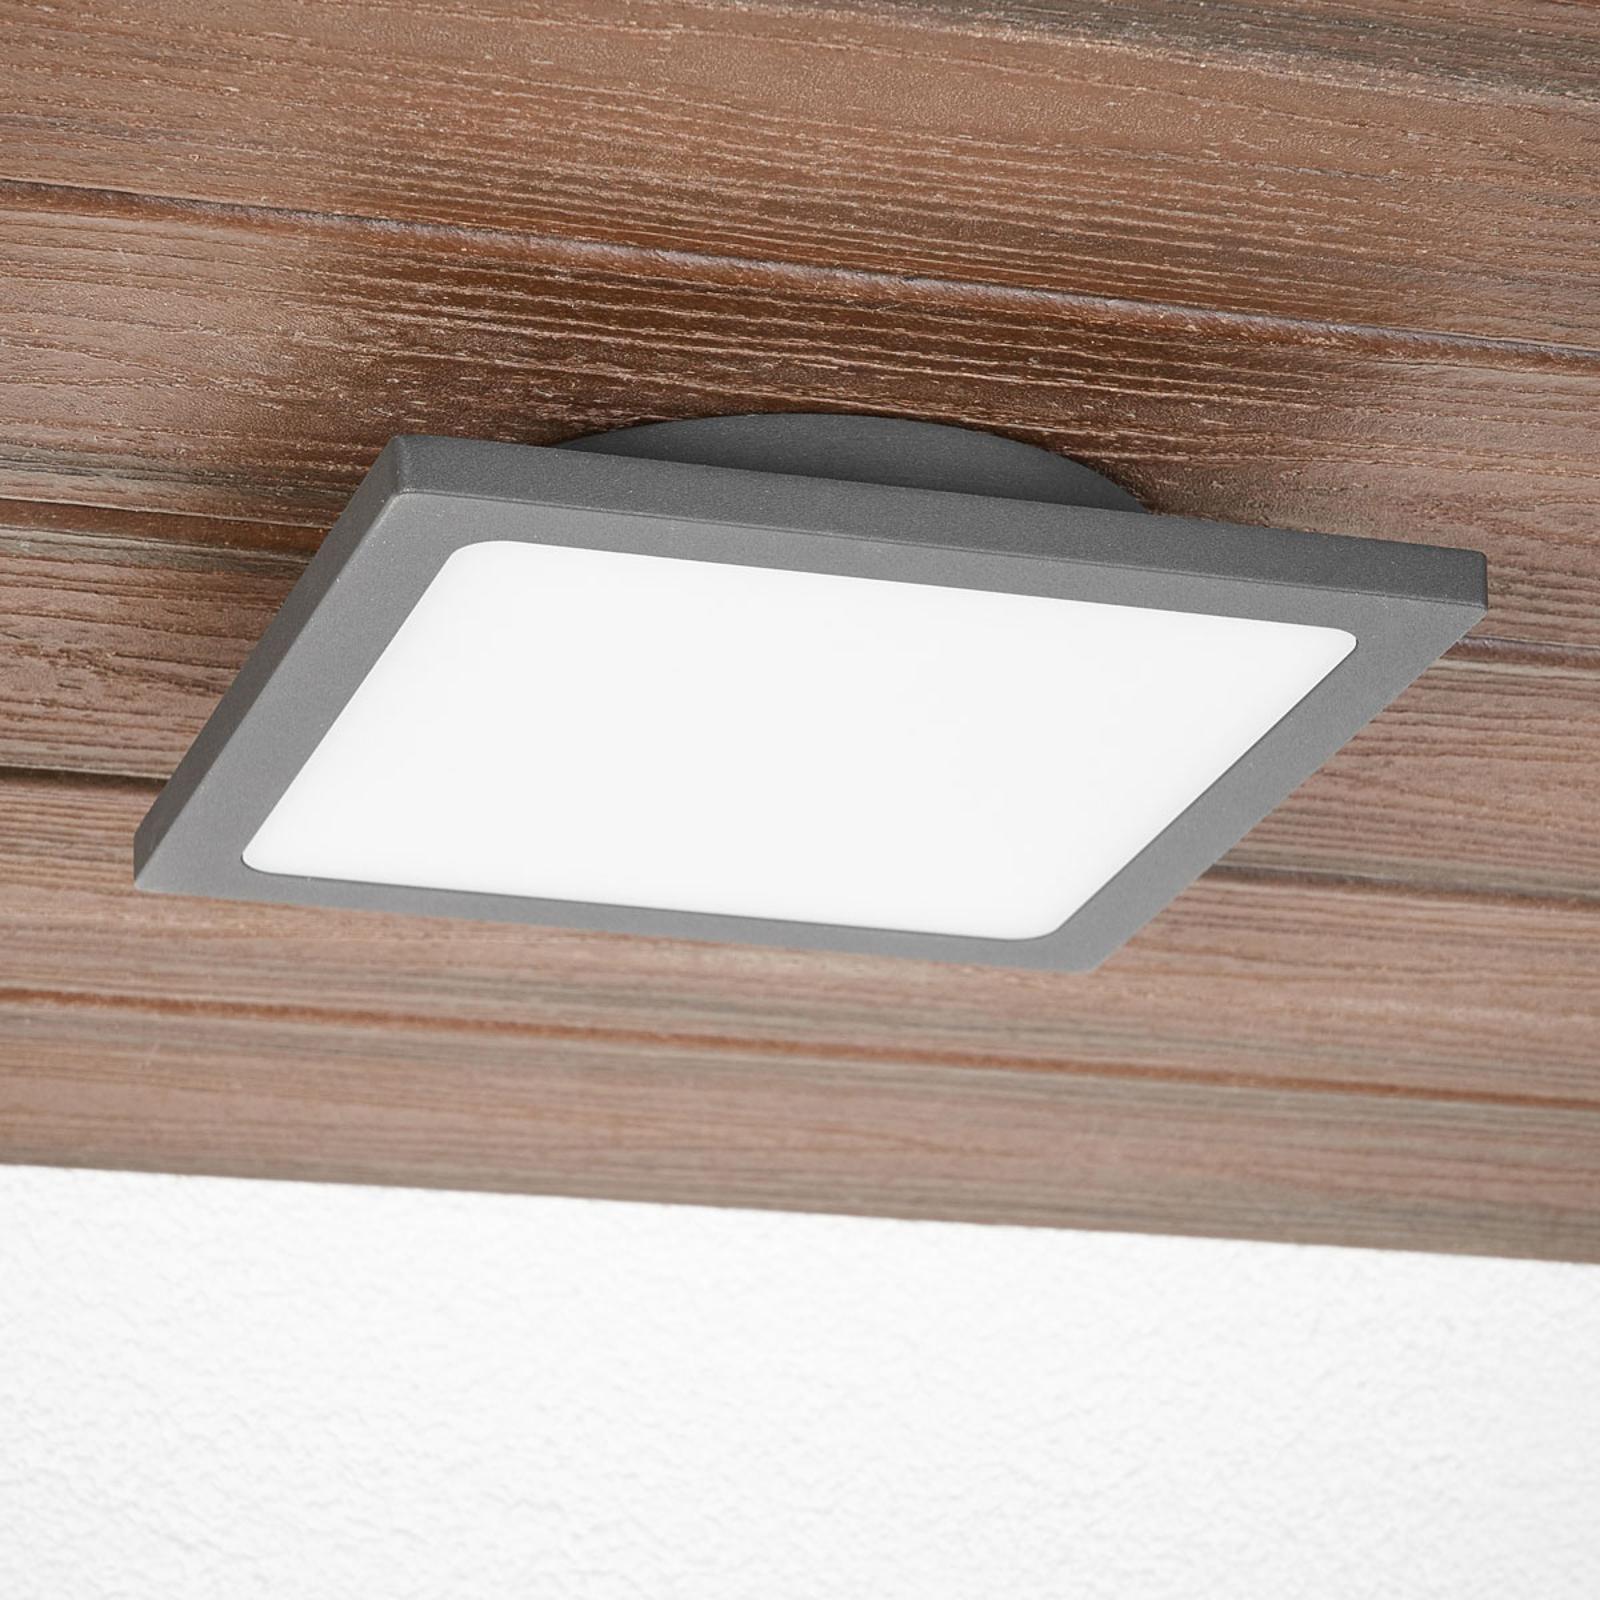 Mabella - LED-Außendeckenlampe mit Sensor